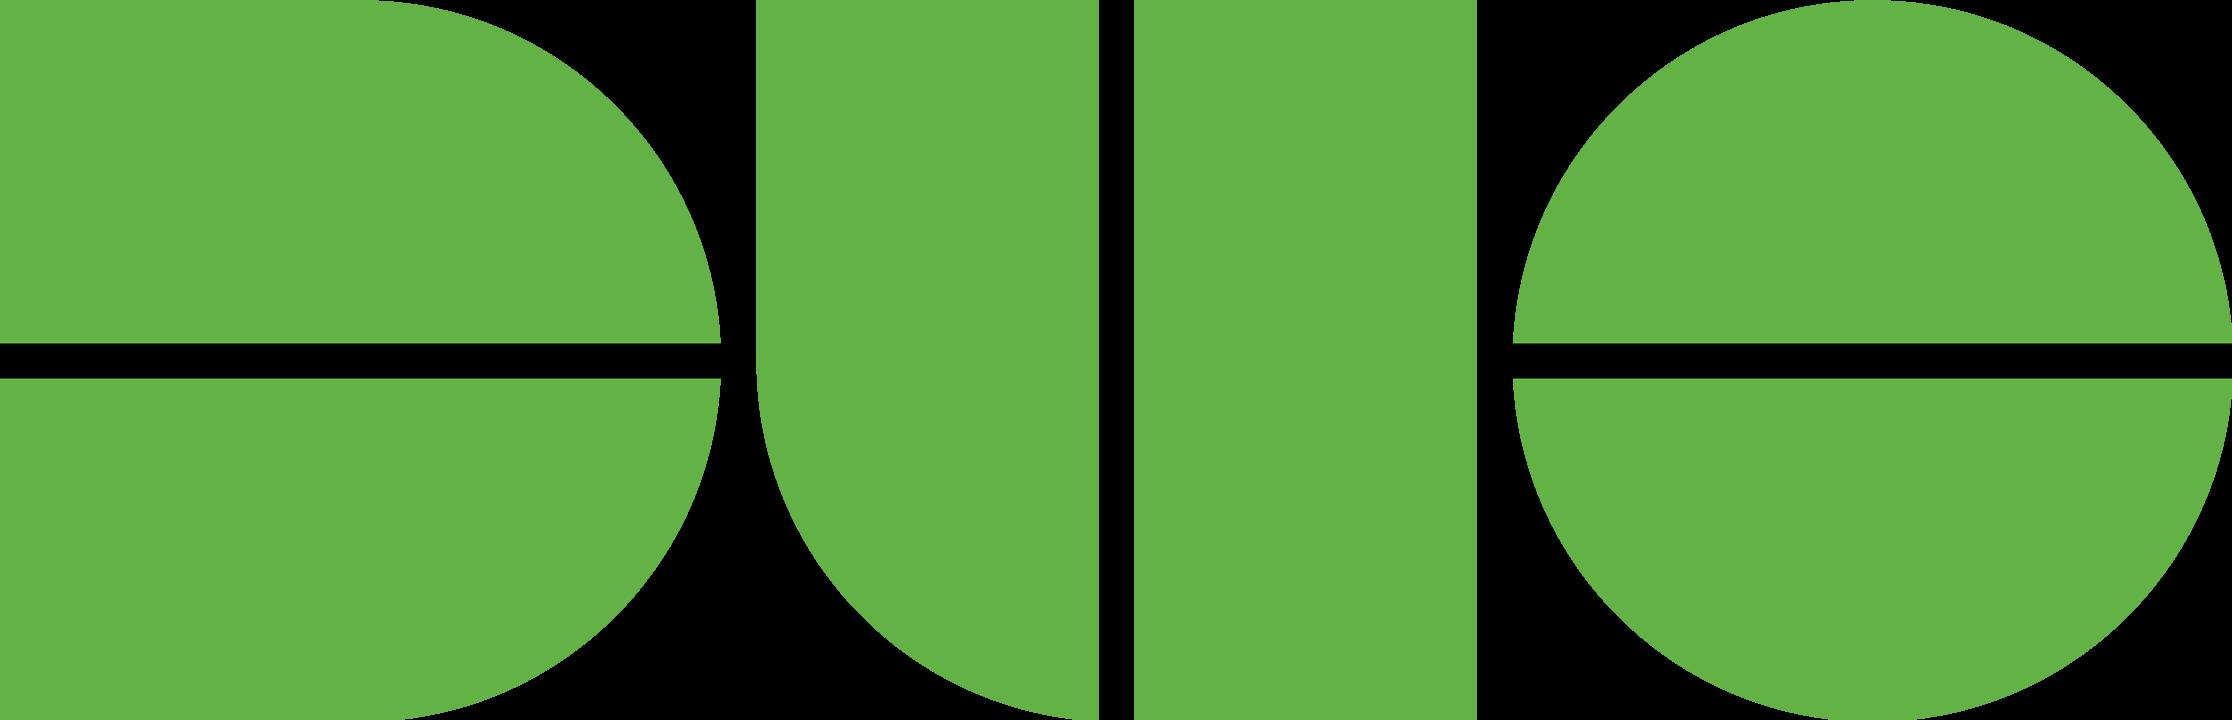 Duo Logo - Green